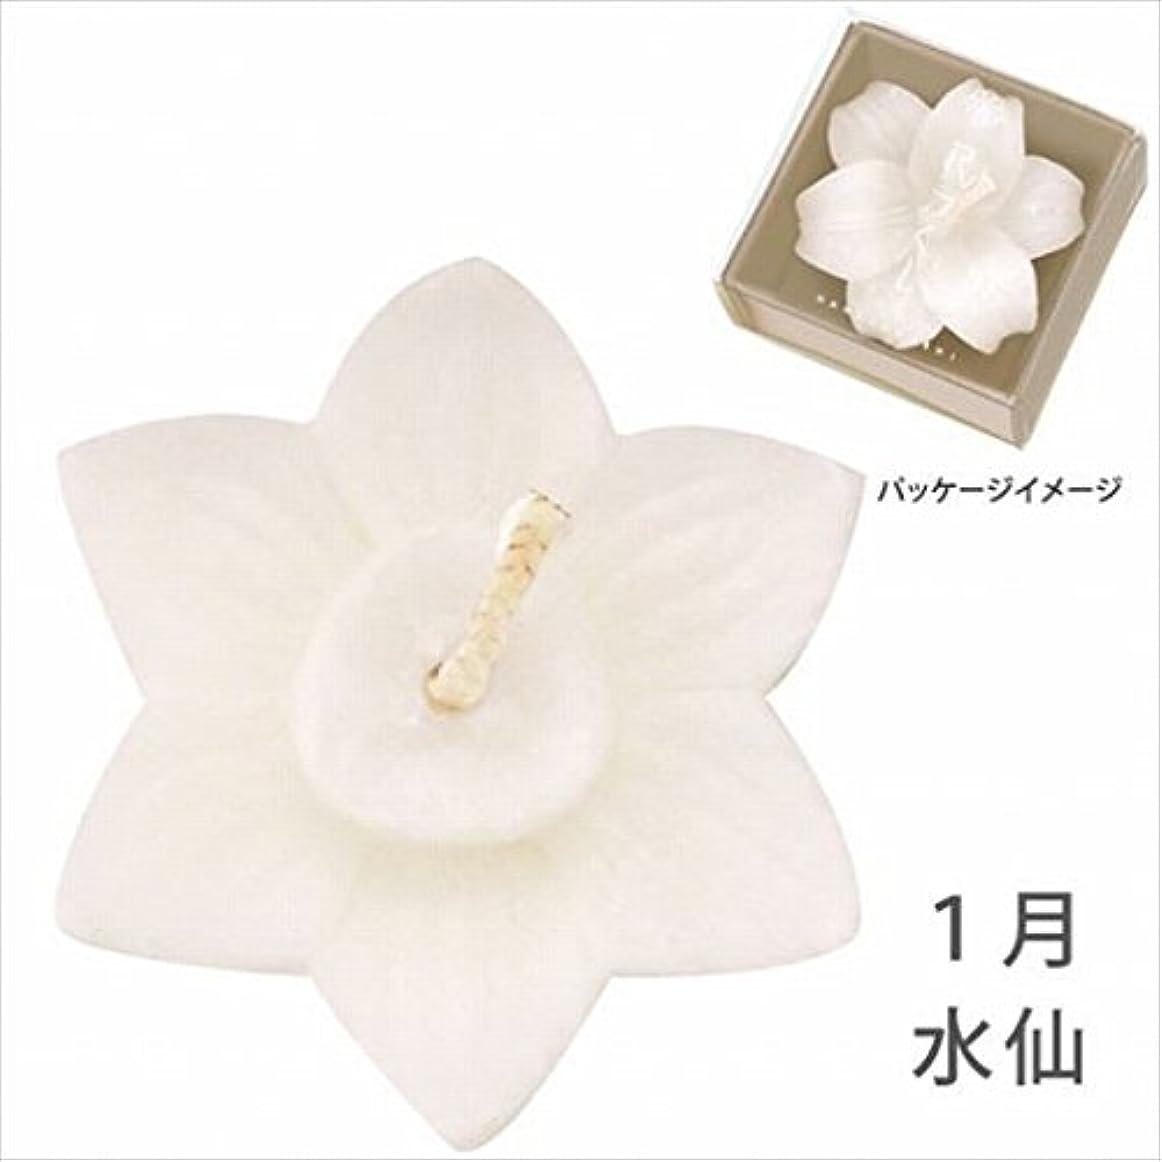 ようこそ果てしない知覚するカメヤマキャンドル( kameyama candle ) 花づくし(植物性) 水仙 「 水仙(1月) 」 キャンドル